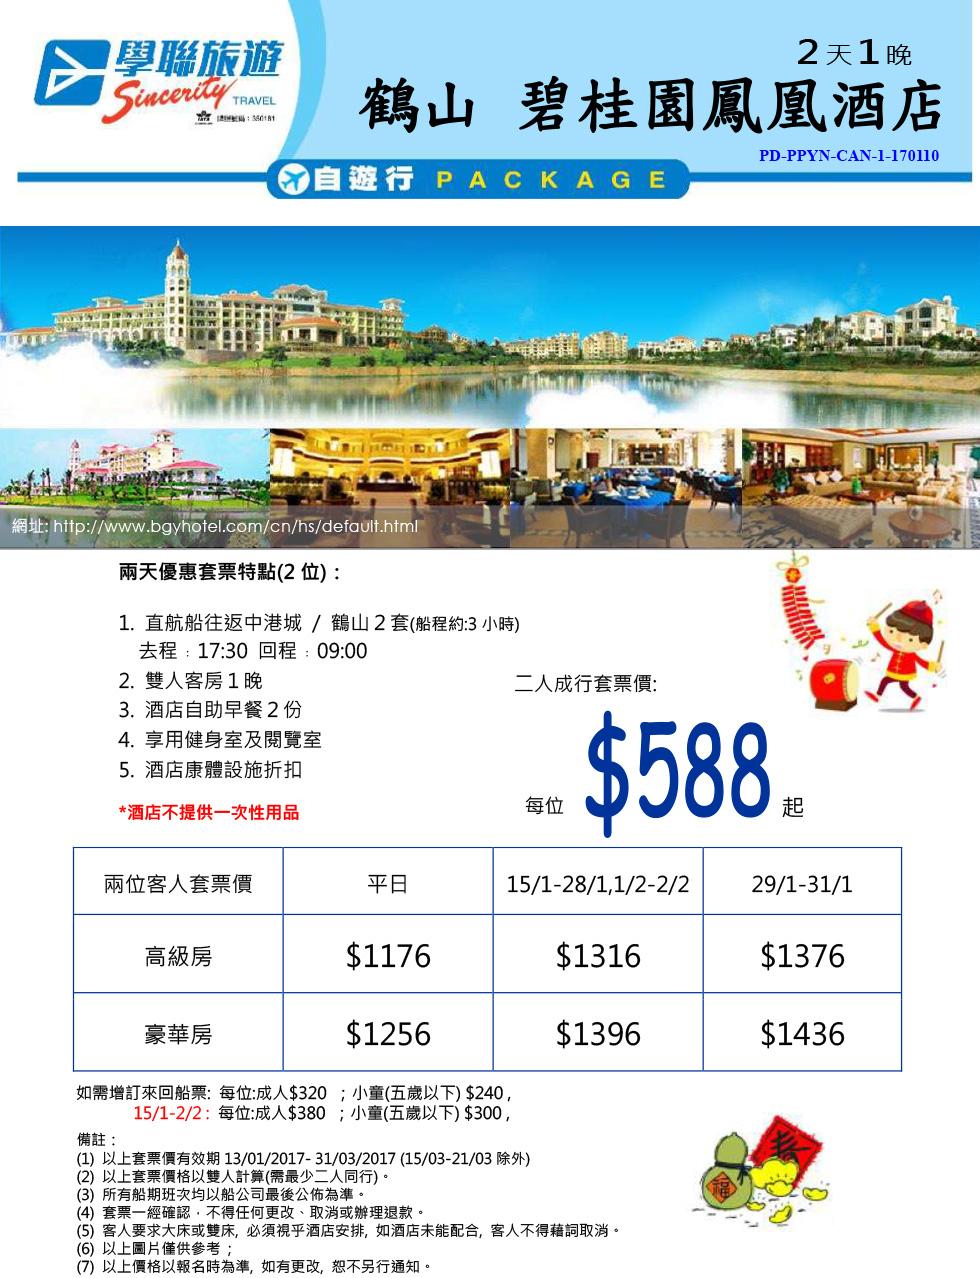 碧桂園鳳凰酒店(鶴山)2天1晚套票 (CAN) – PPYN